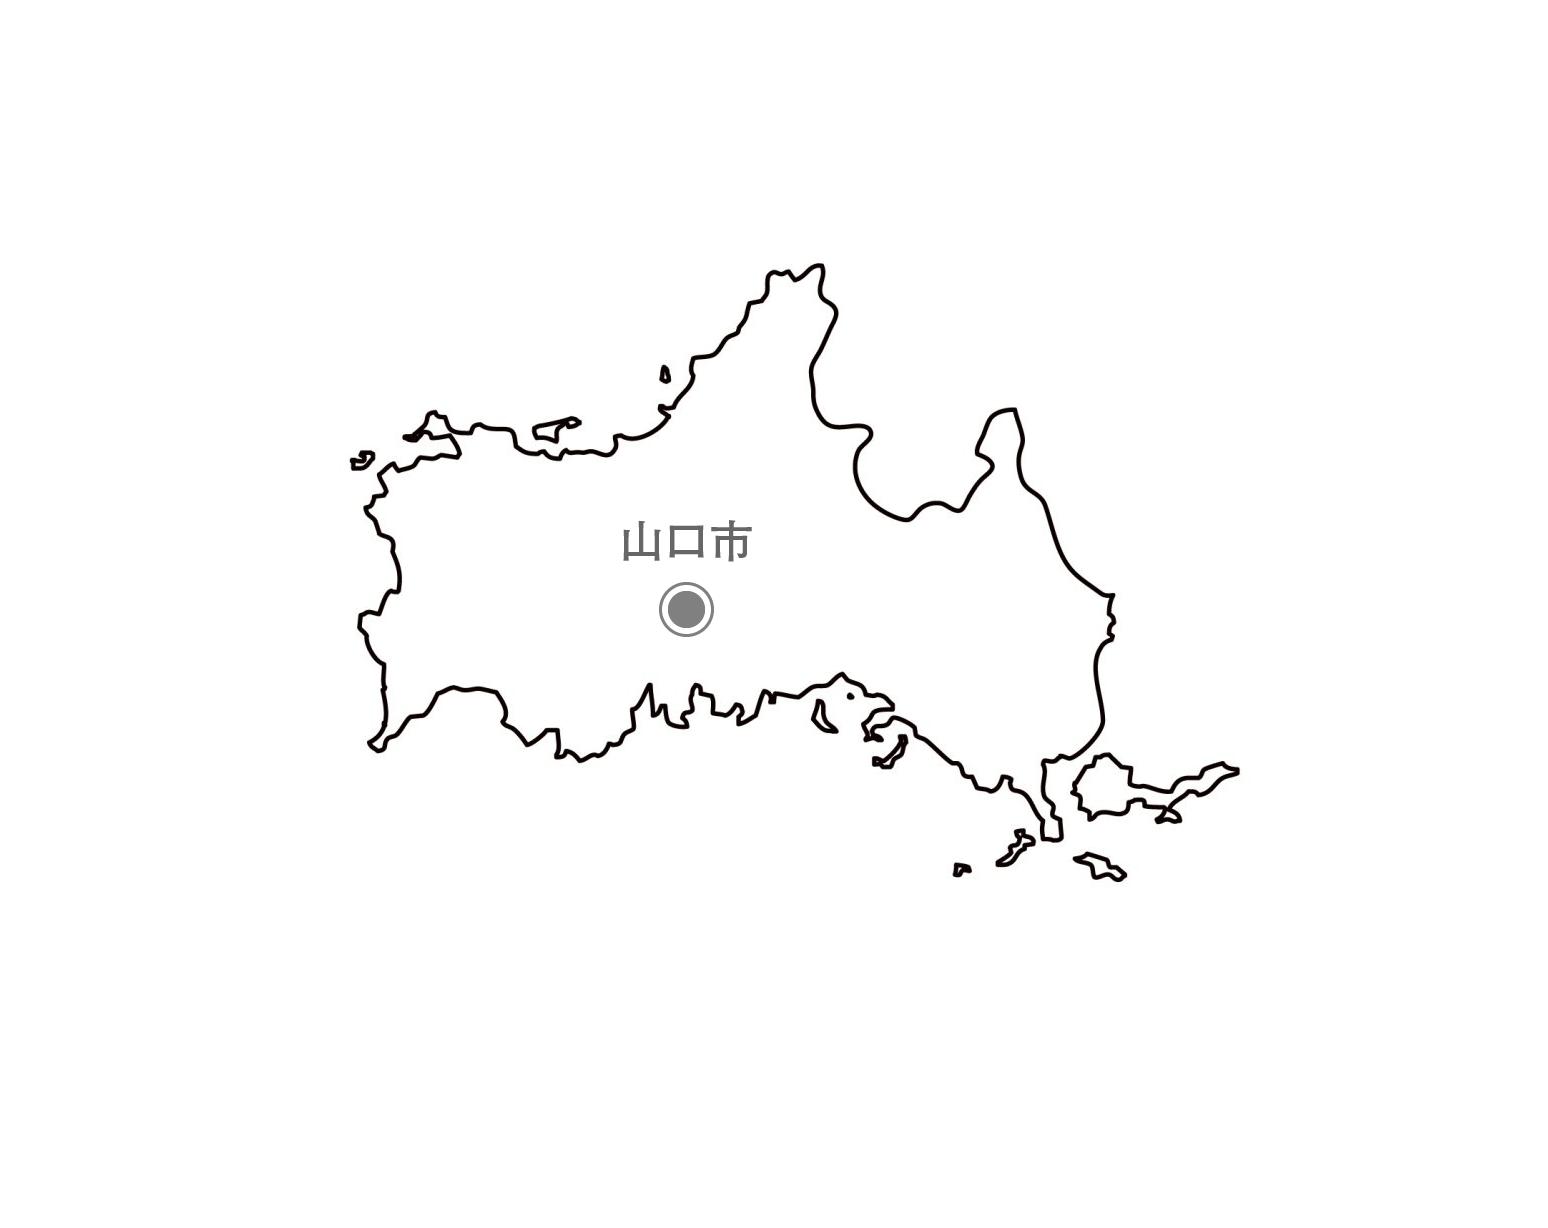 [白地図]山口県・都道府県名・県庁所在地あり